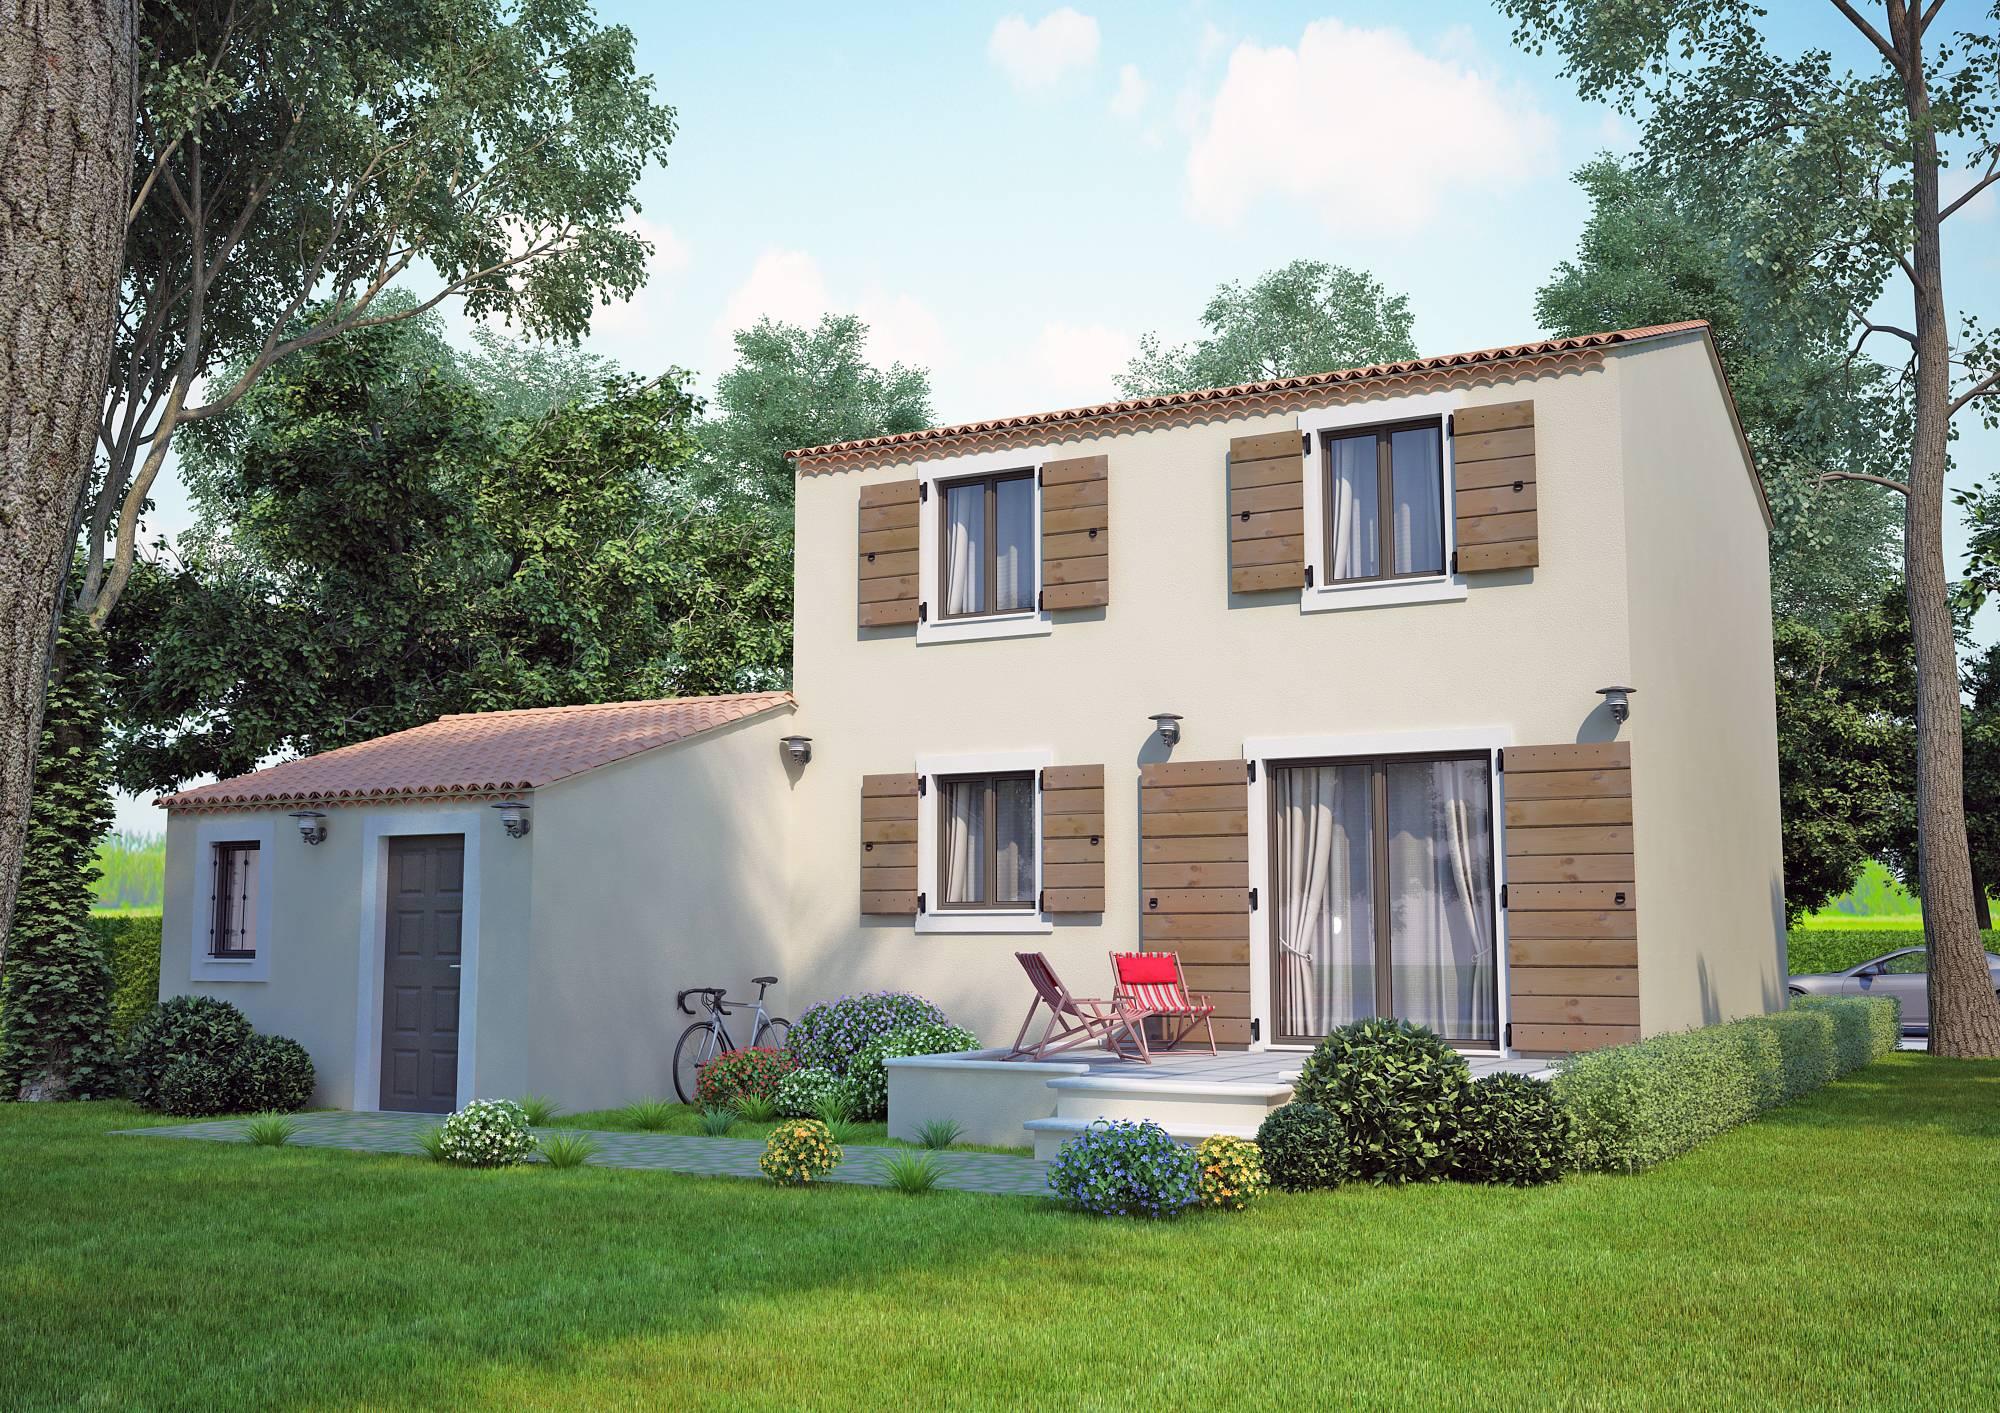 Villas cypr s 90m2 contruire dans la r gion paca azur for Constructeur maison individuelle paca